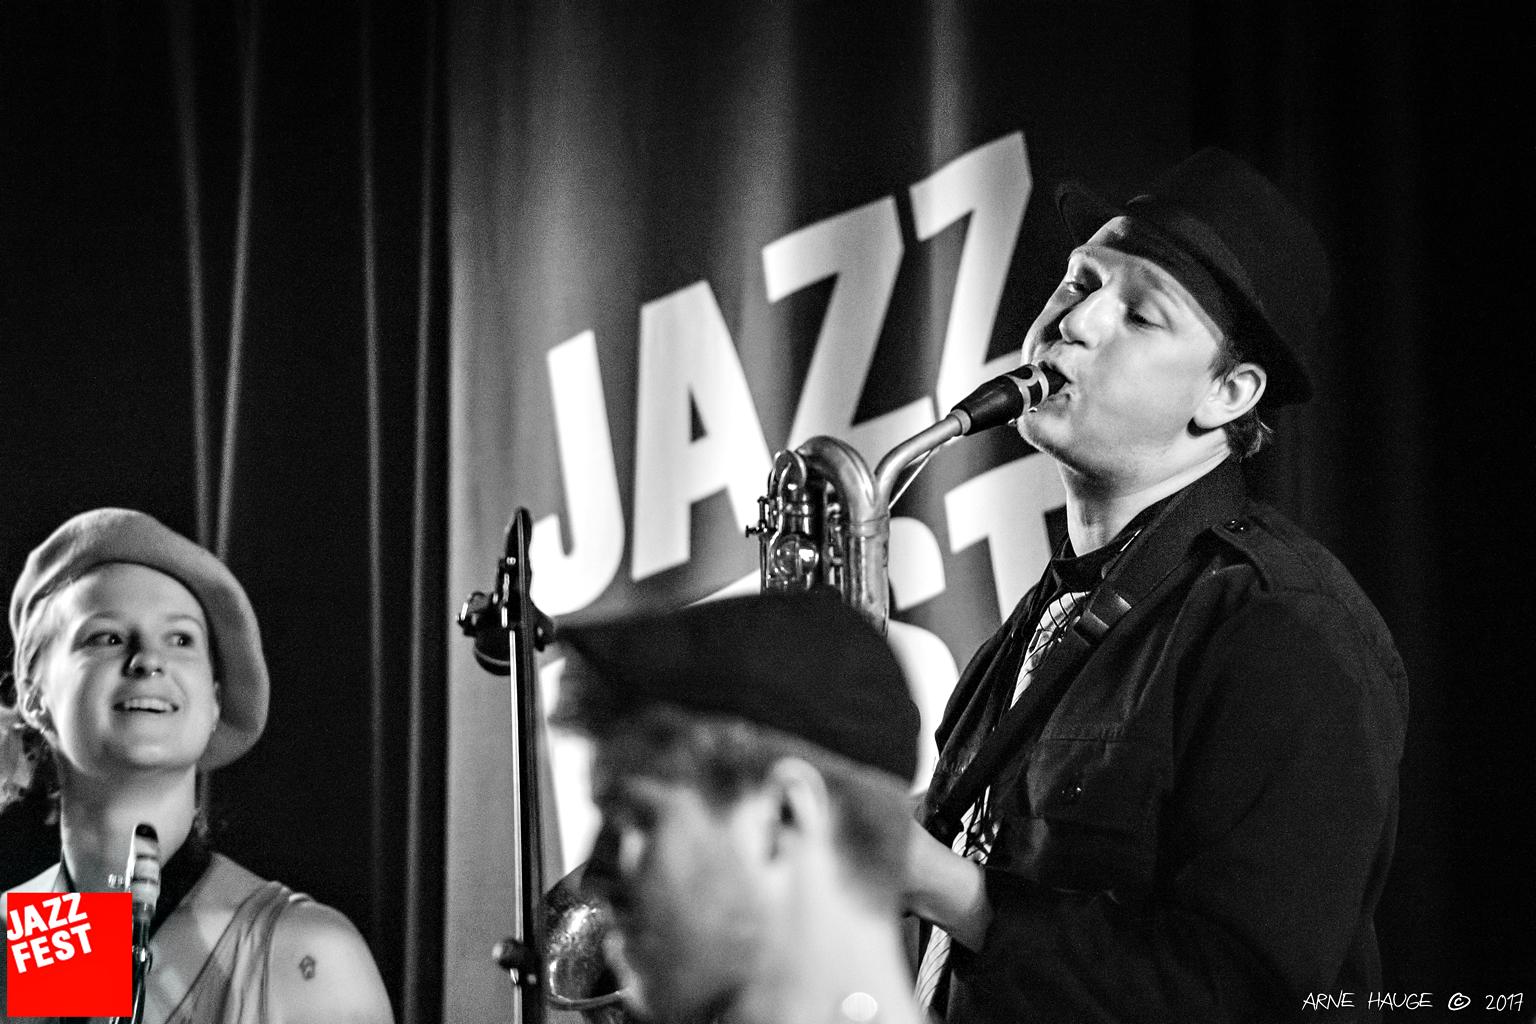 NTNU Jazz + Skjerve & Formo vs Tre Smaa Kinesere_10.jpg